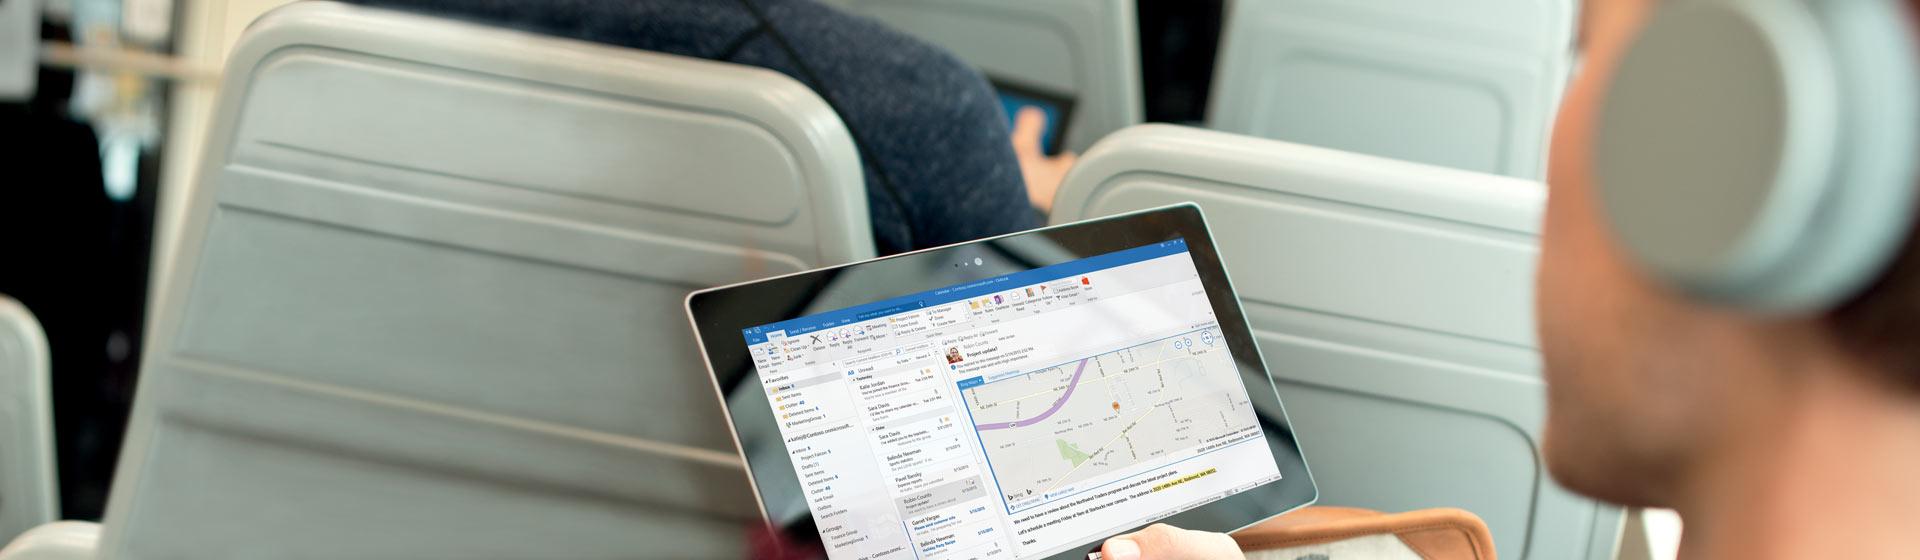 Office 365'teki e-posta gelen kutusunun göründüğü bir tablet tutan adam